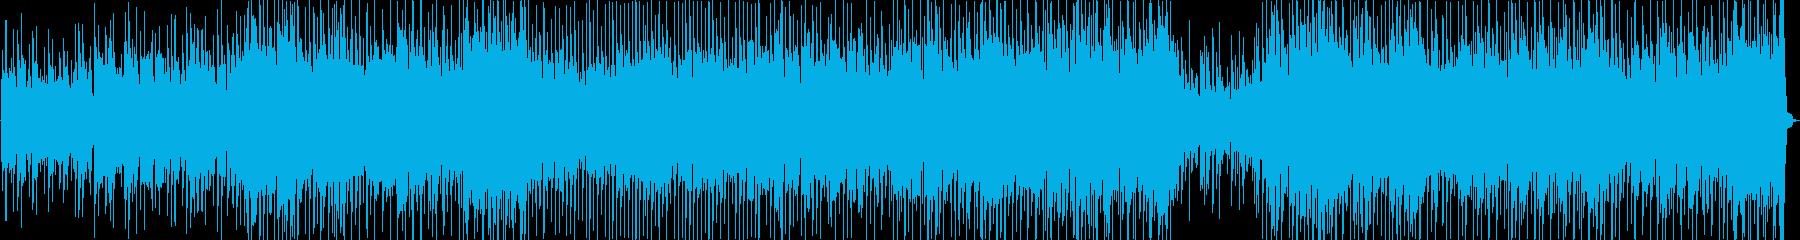 キャッチーで陽気なカントリーミュージックの再生済みの波形